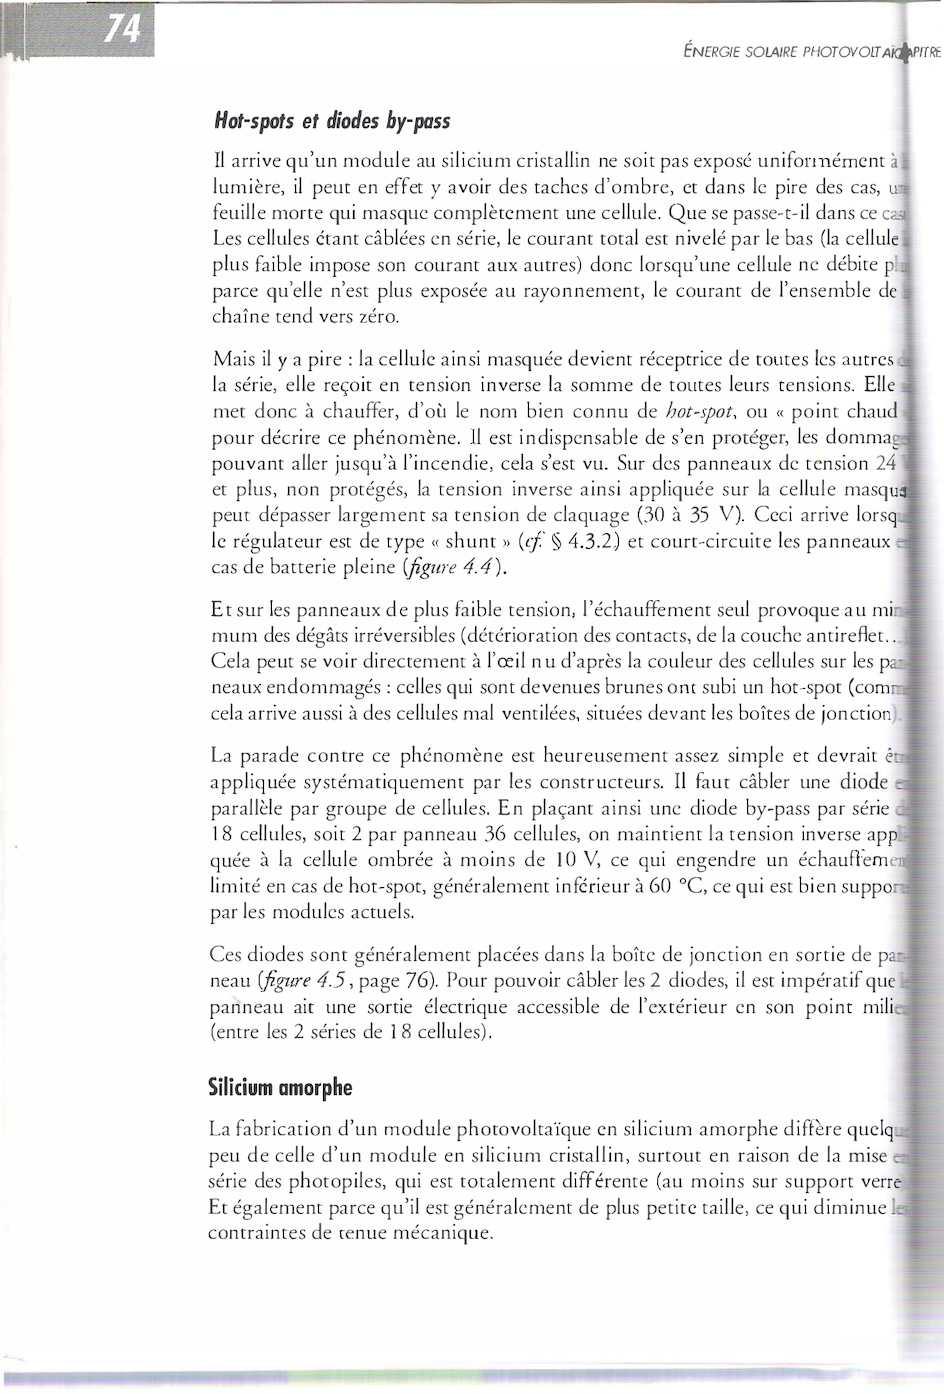 Cellule Photovoltaïque En Silicium Amorphe dedans dunod energie solaire photovoltaique - calameo downloader